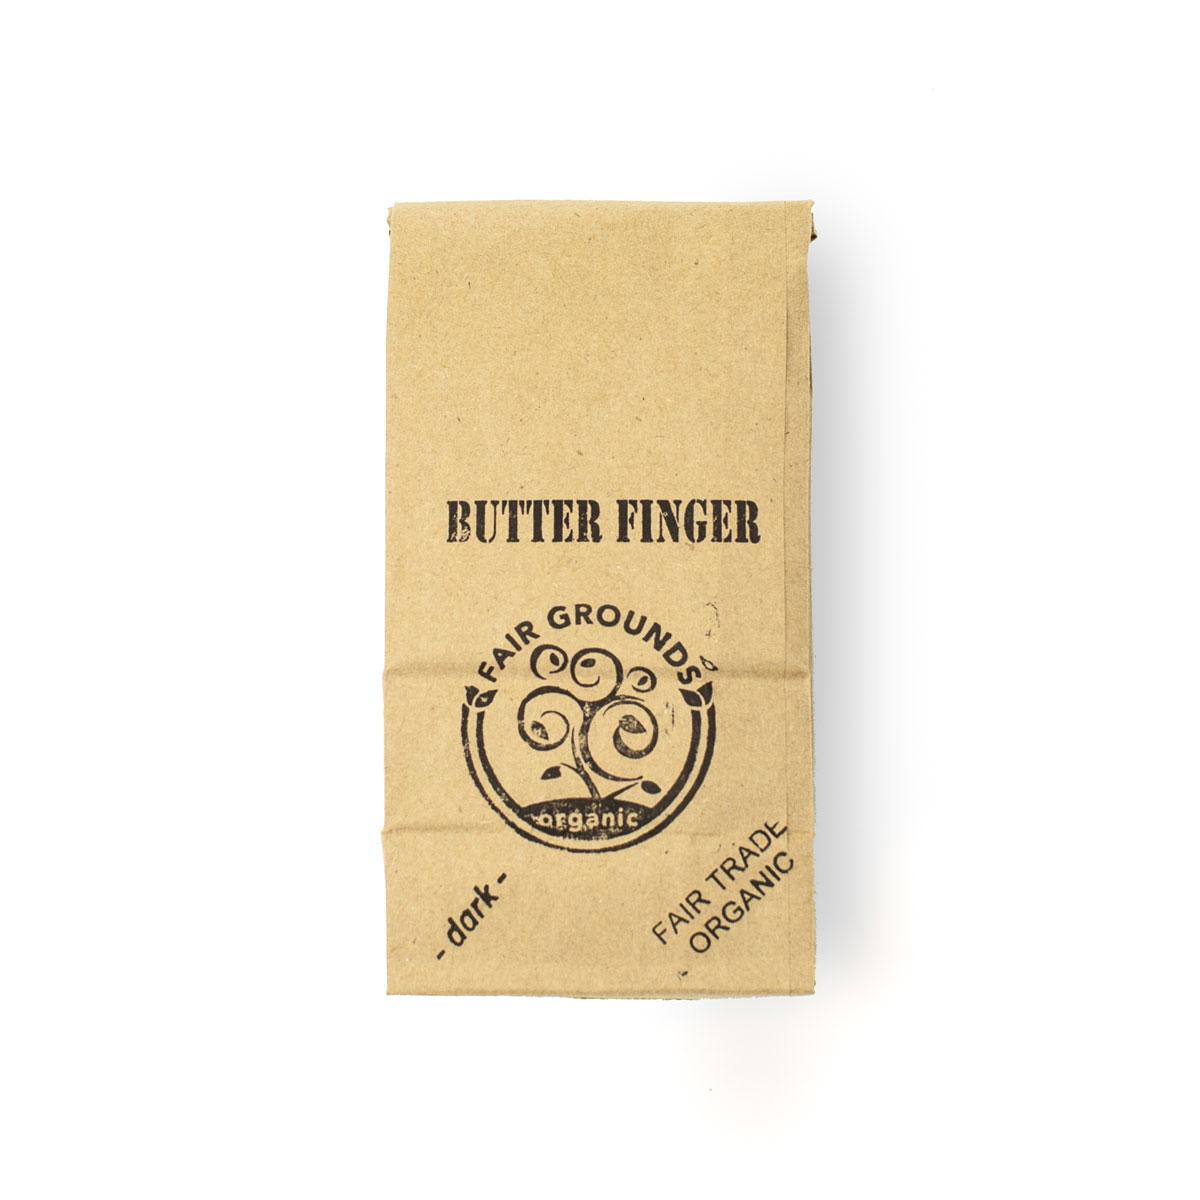 Fair Grounds Coffee Butter Finger Fair Trade Organic 1/2lb Beans